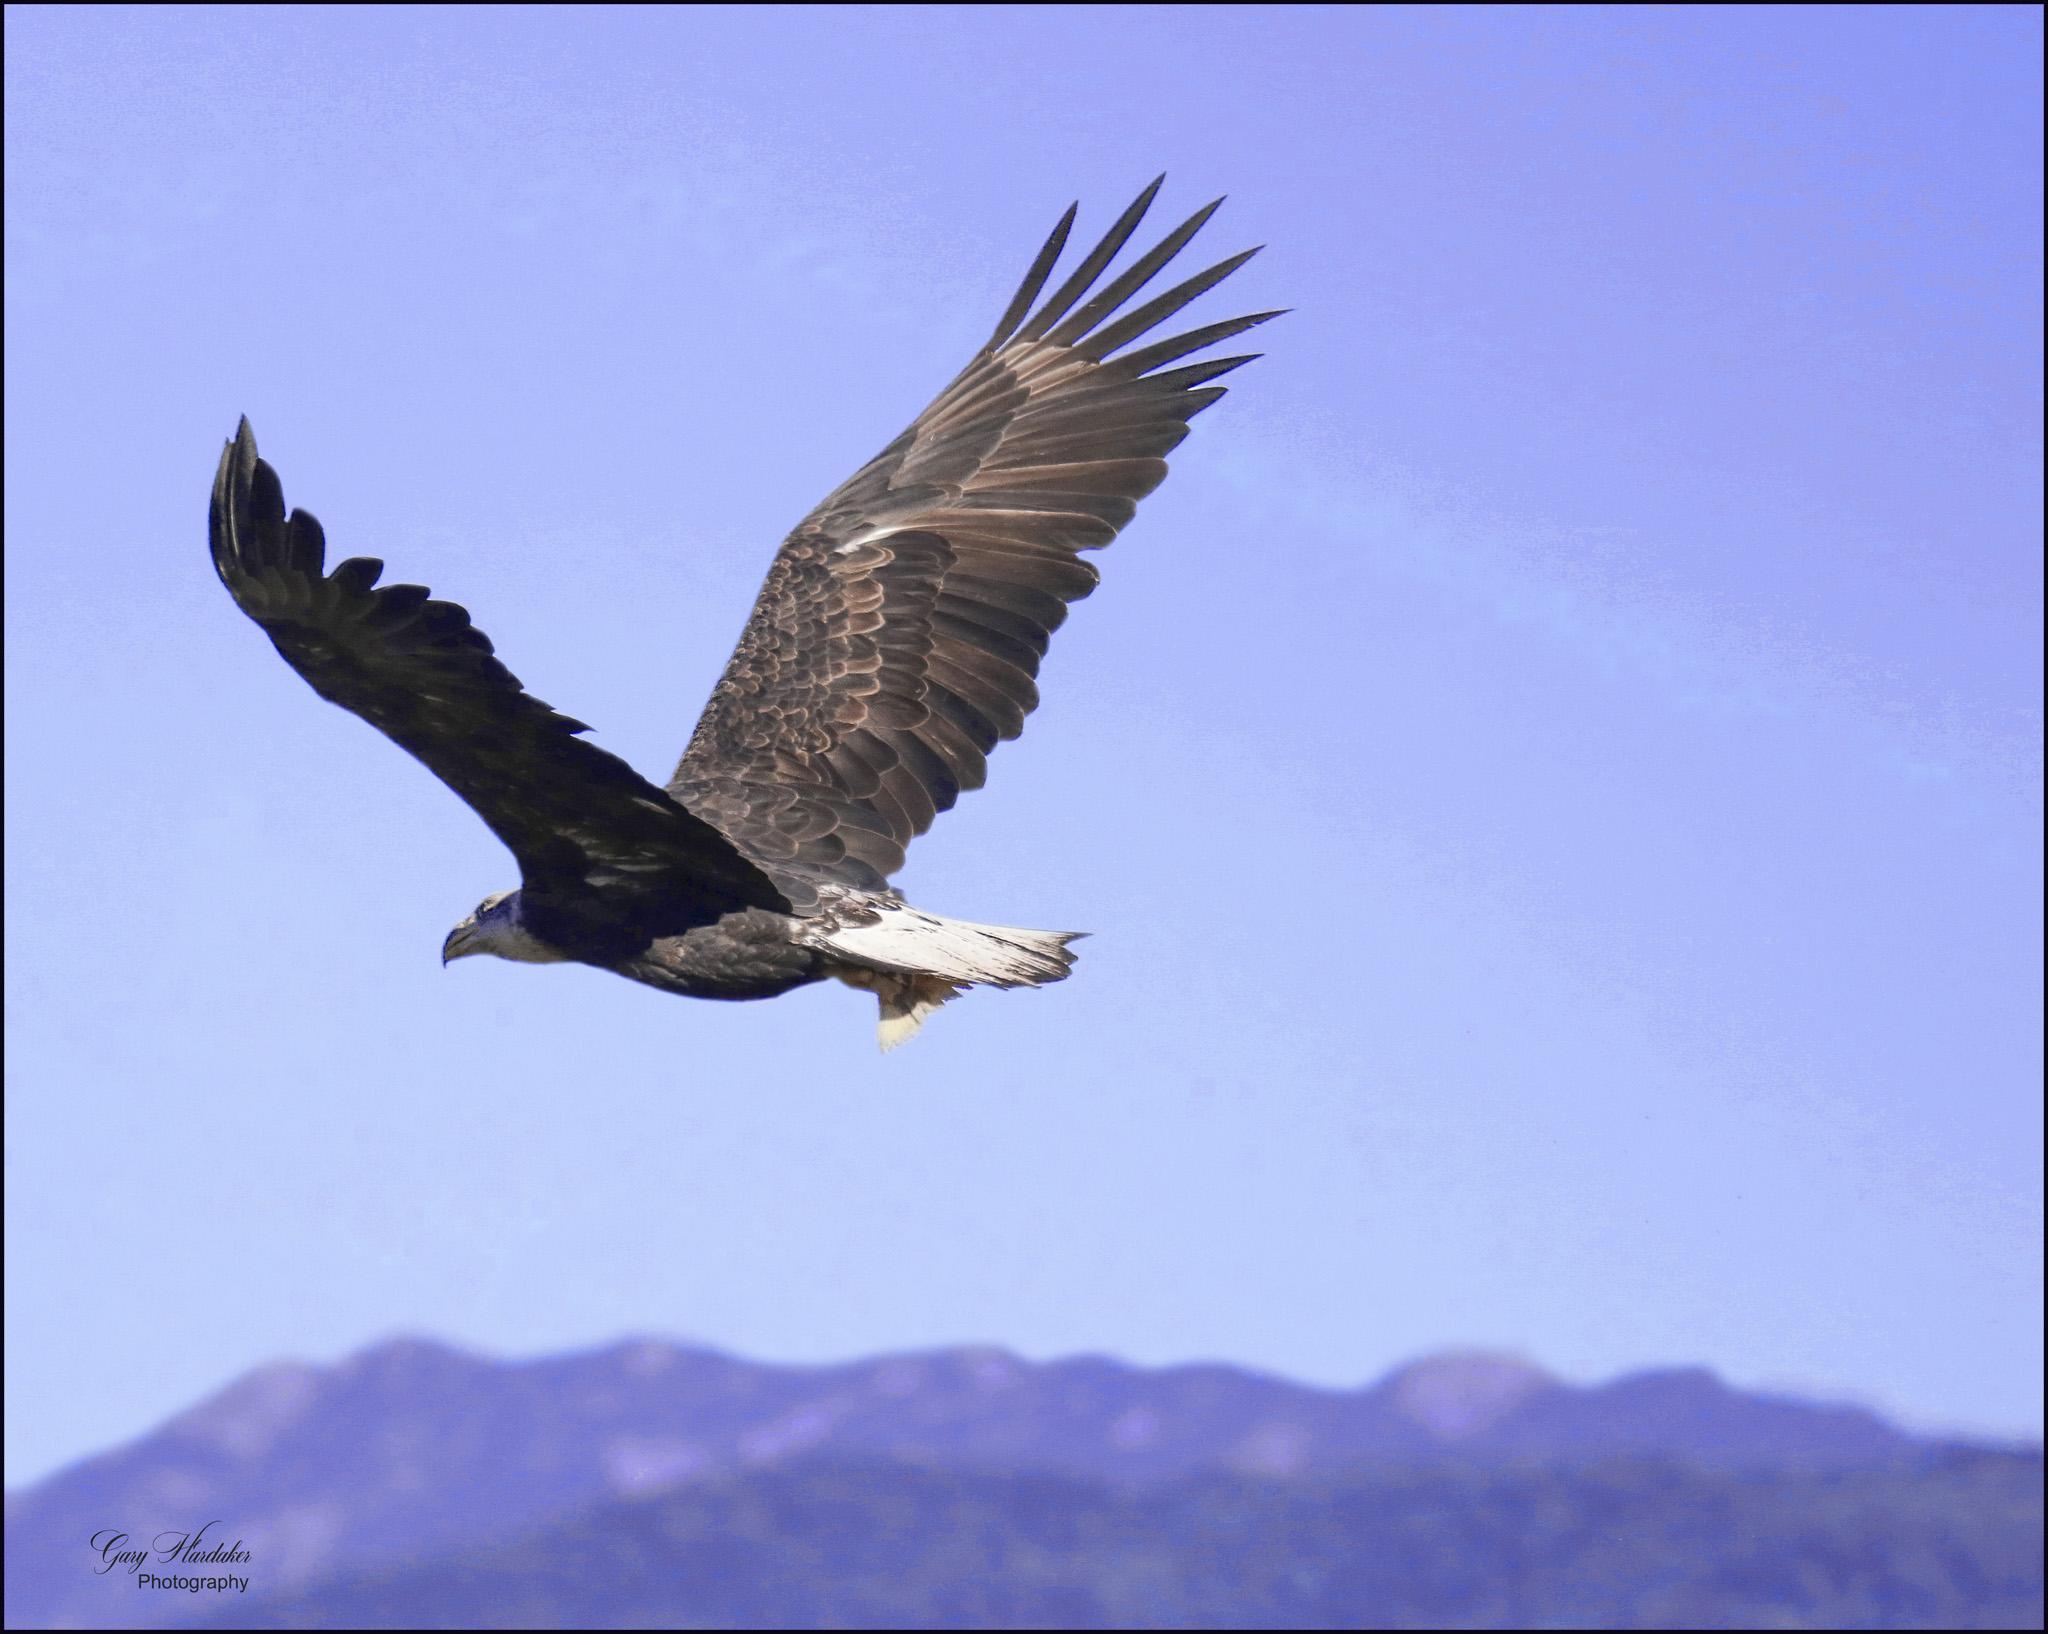 Gary Hardaker- Where Eagles Soar